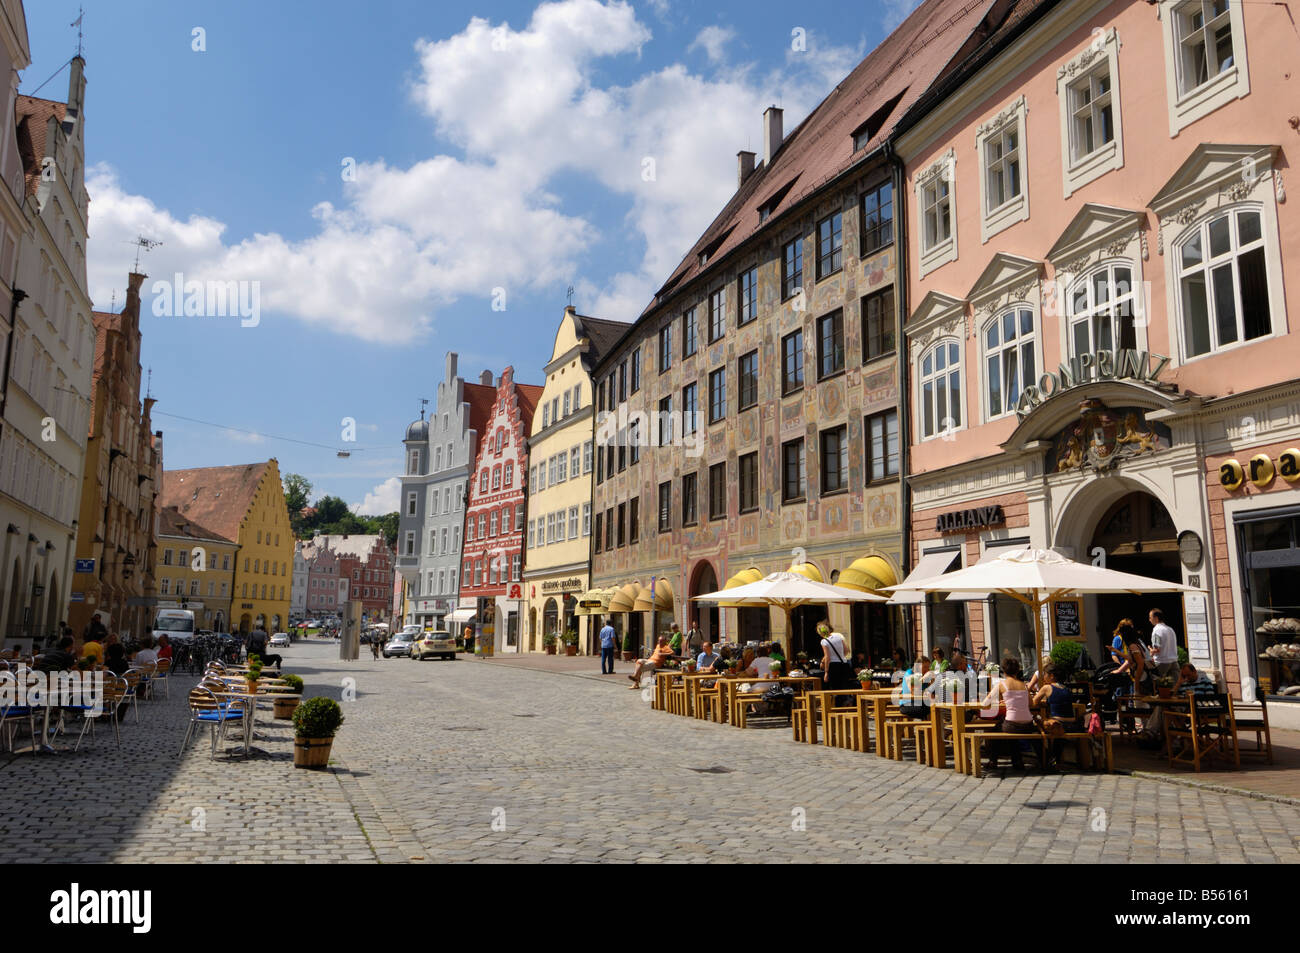 Altstadt, Landshut, Bayern, Deutschland Stockbild